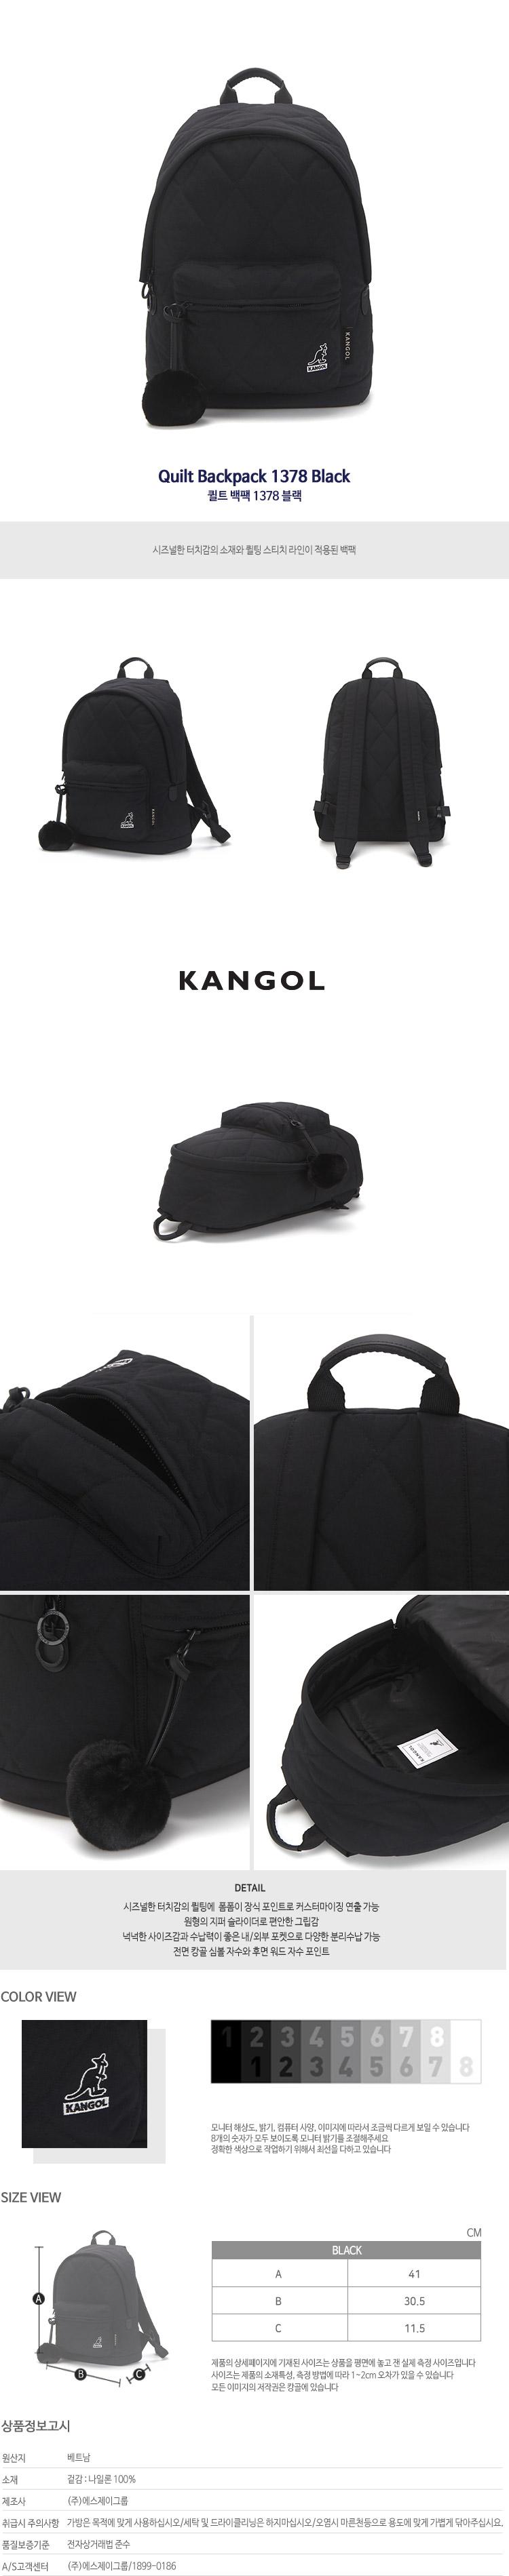 Quilt Backpack 1378 BLACK